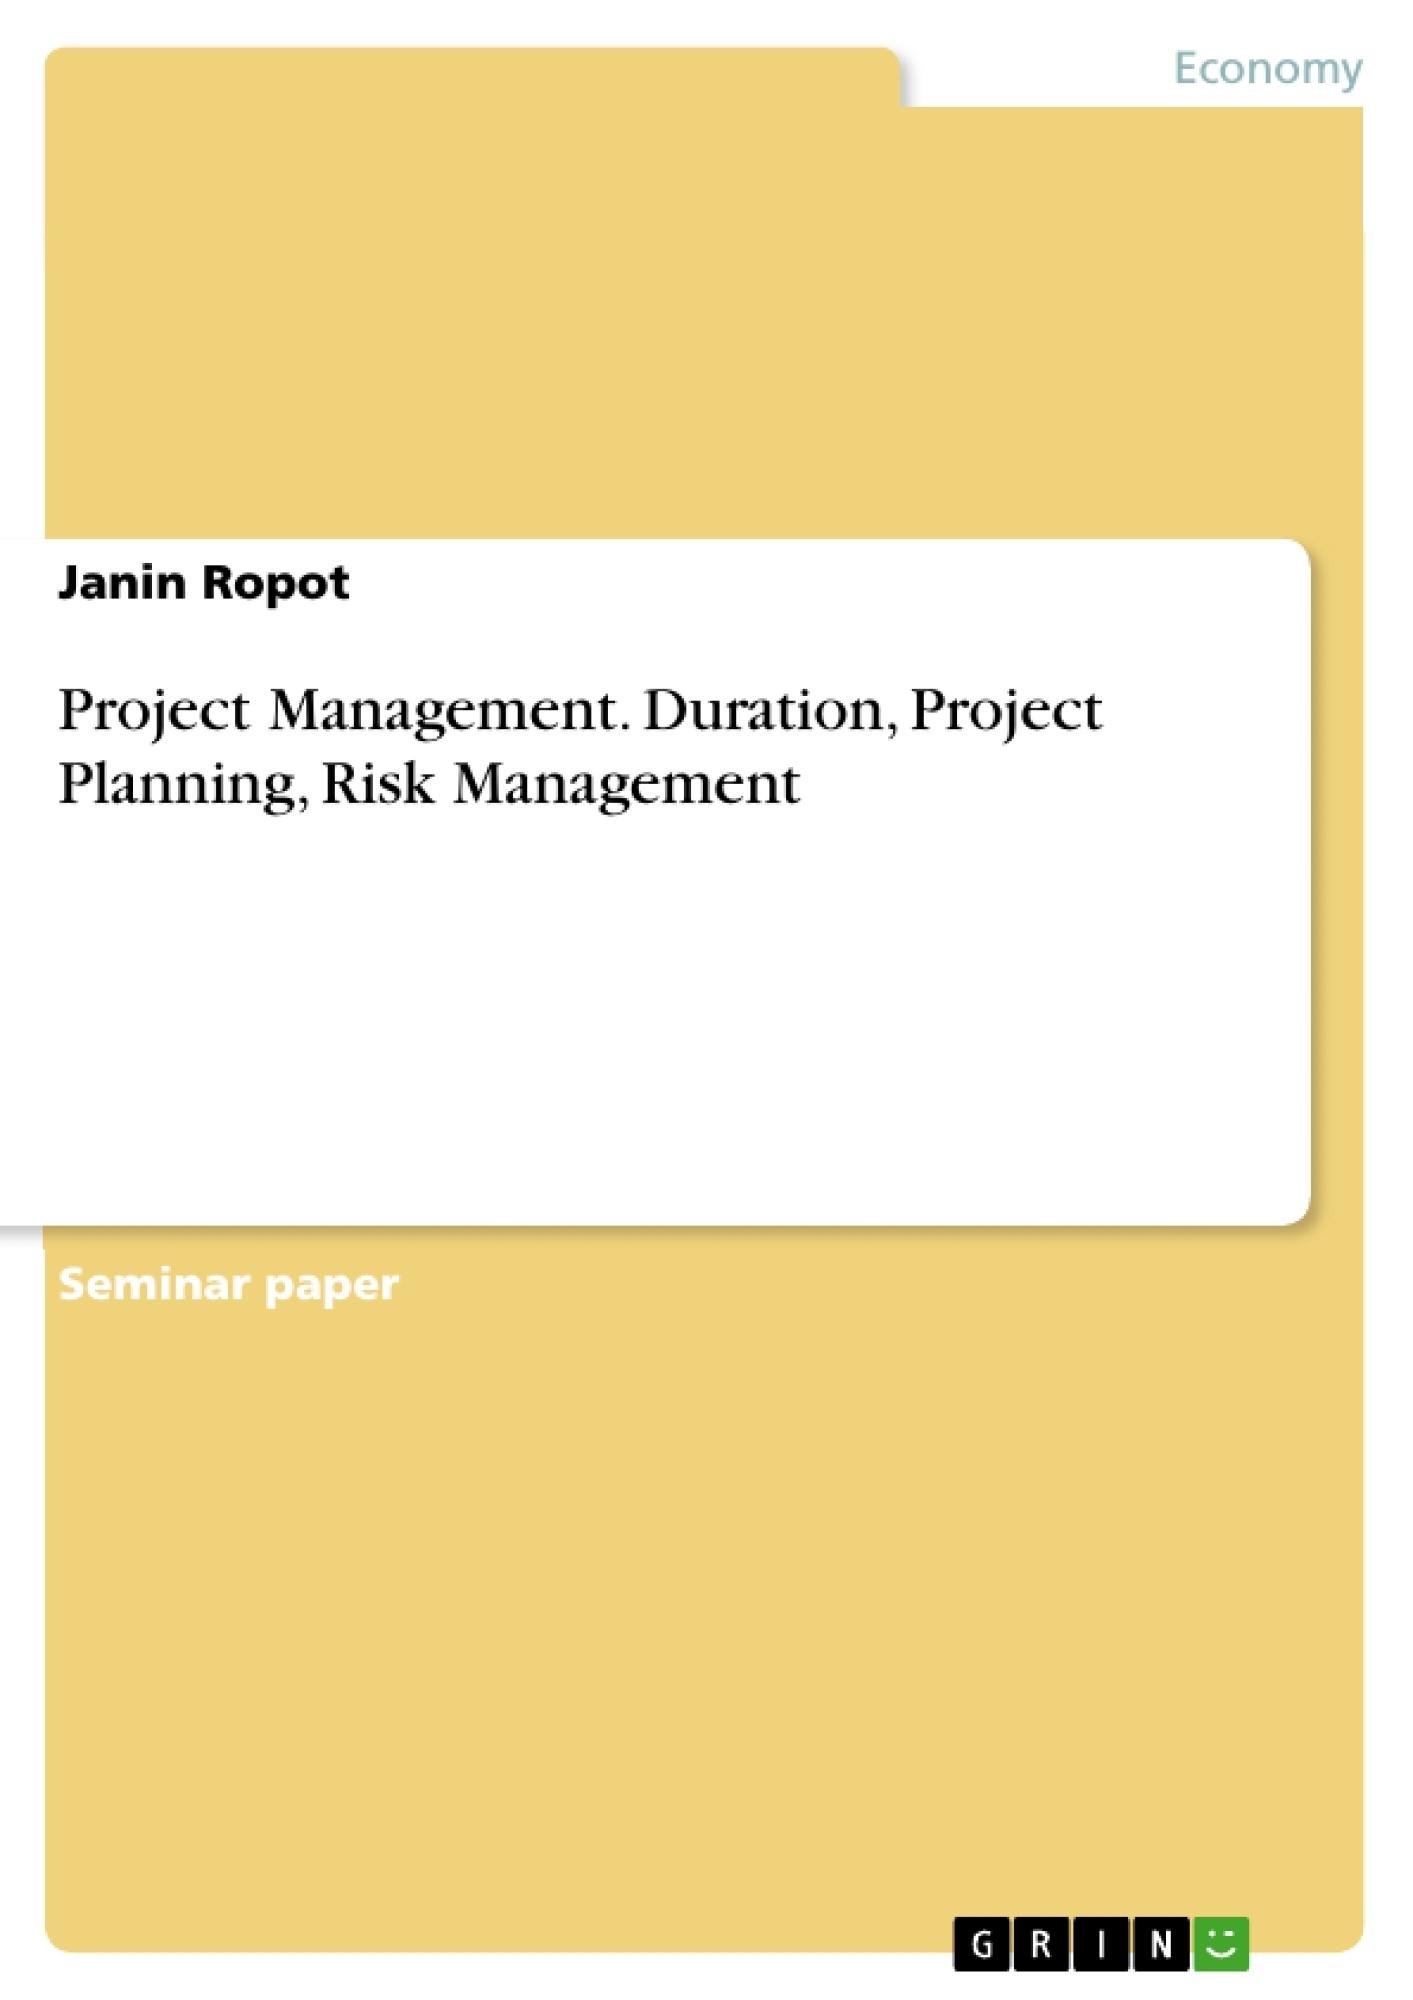 Title: Project Management. Duration, Project Planning, Risk Management